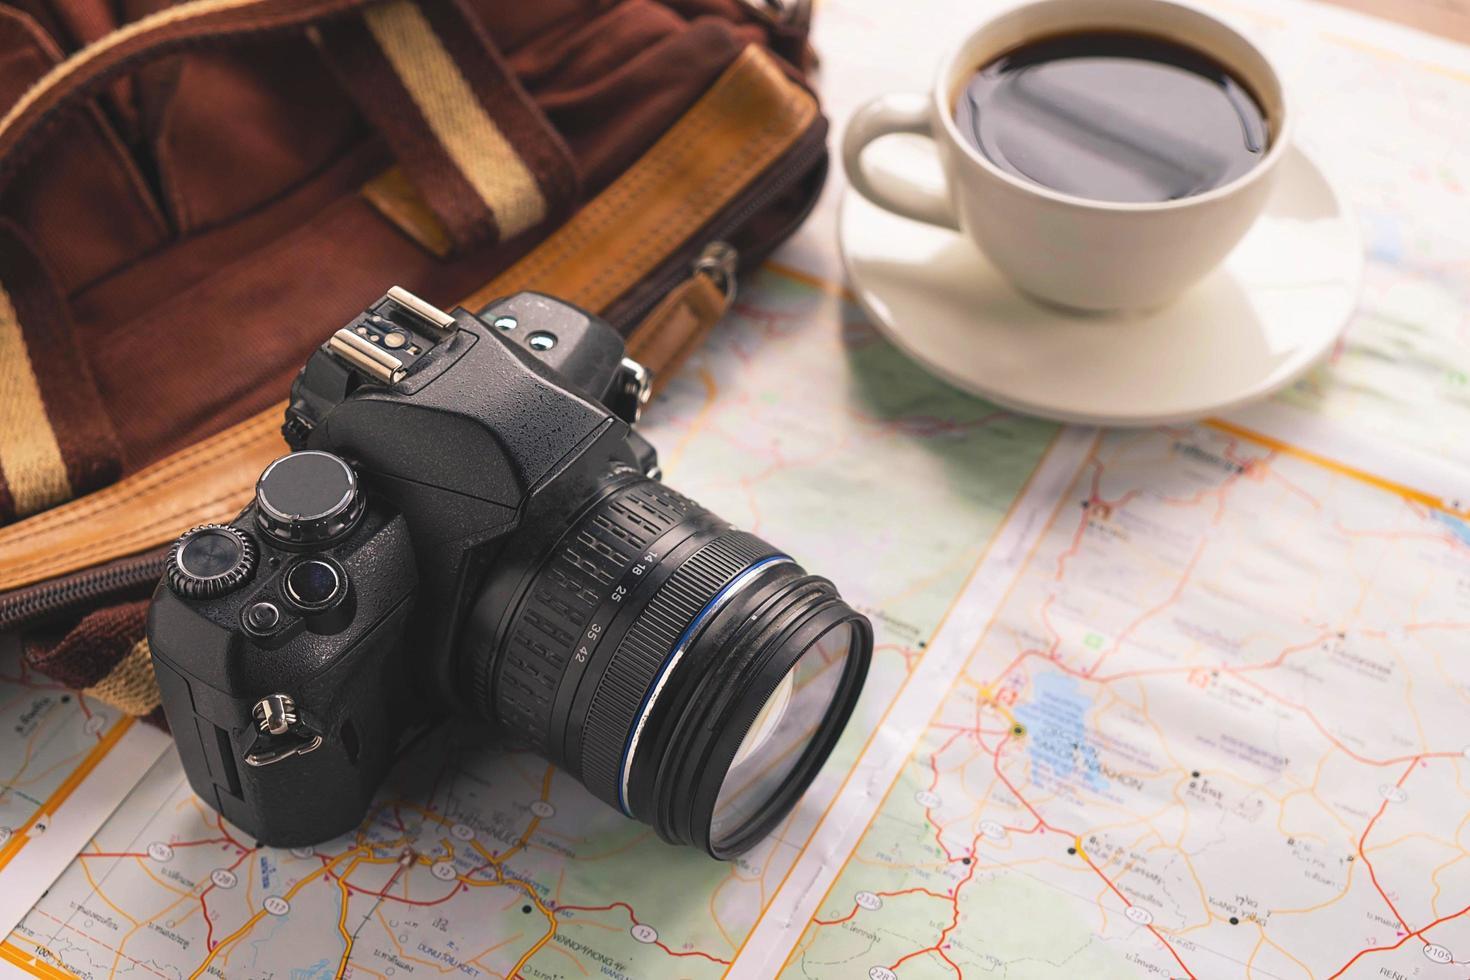 appareil photo et café avec un sac sur une carte